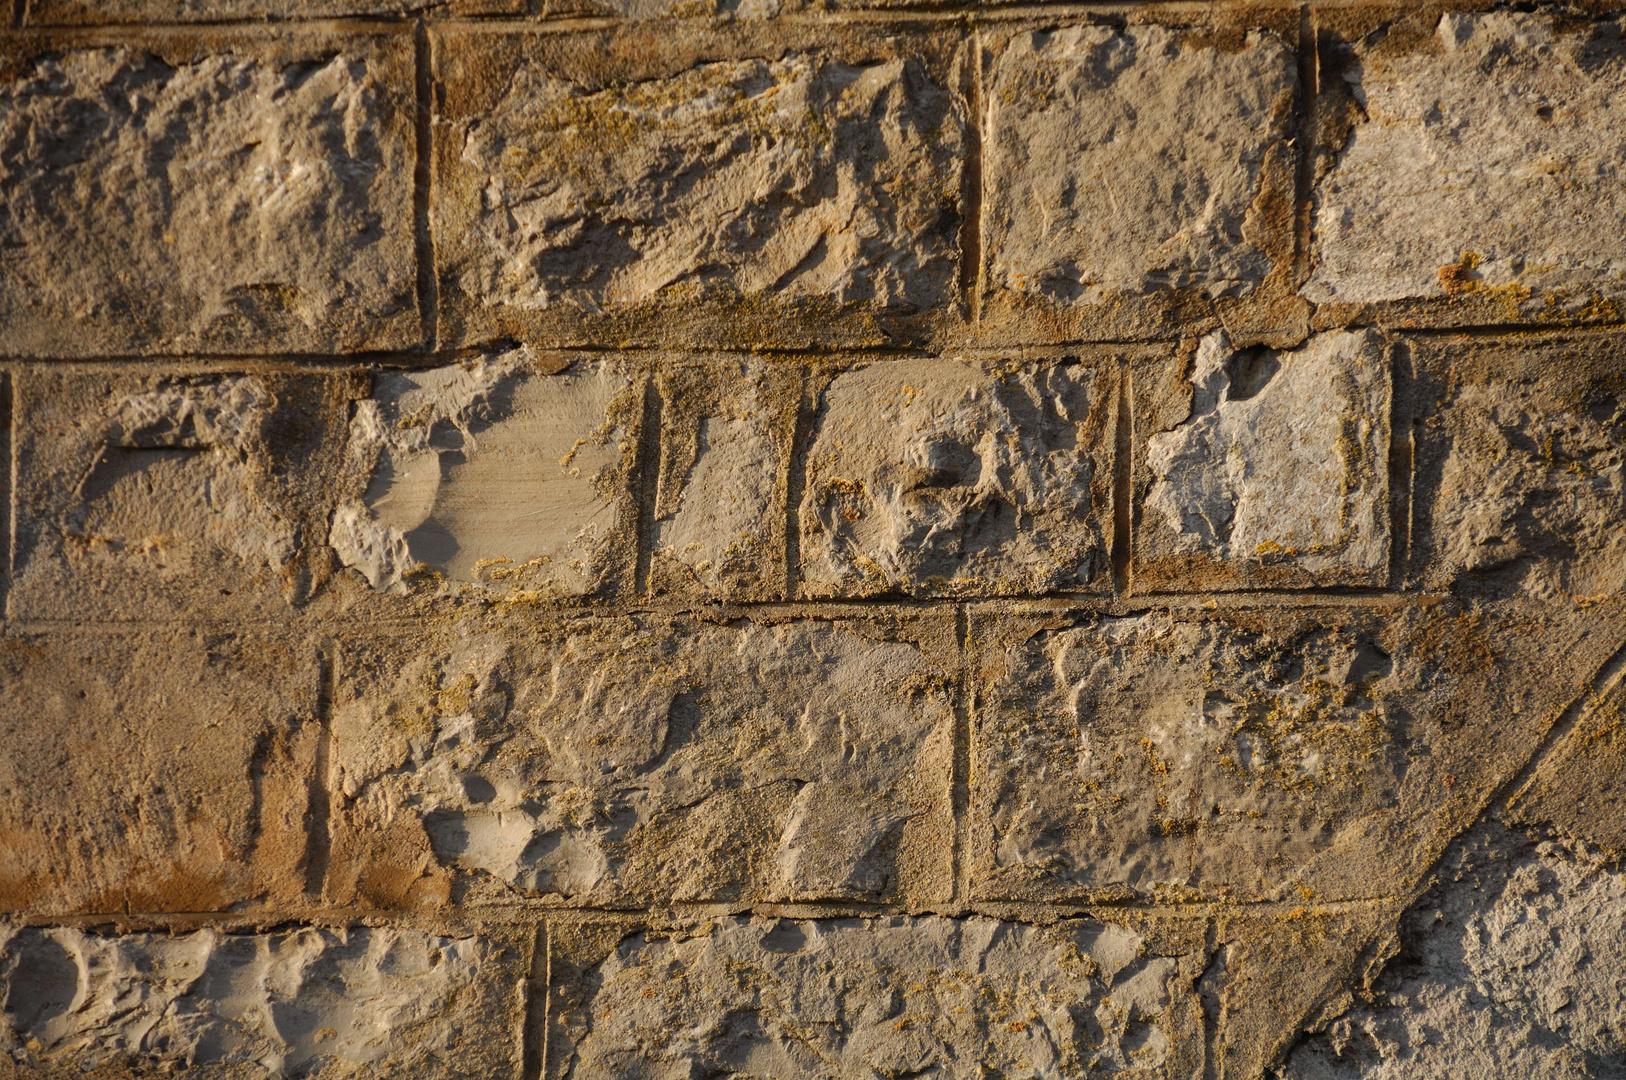 Gemäuer eines Steinbogenviadukts